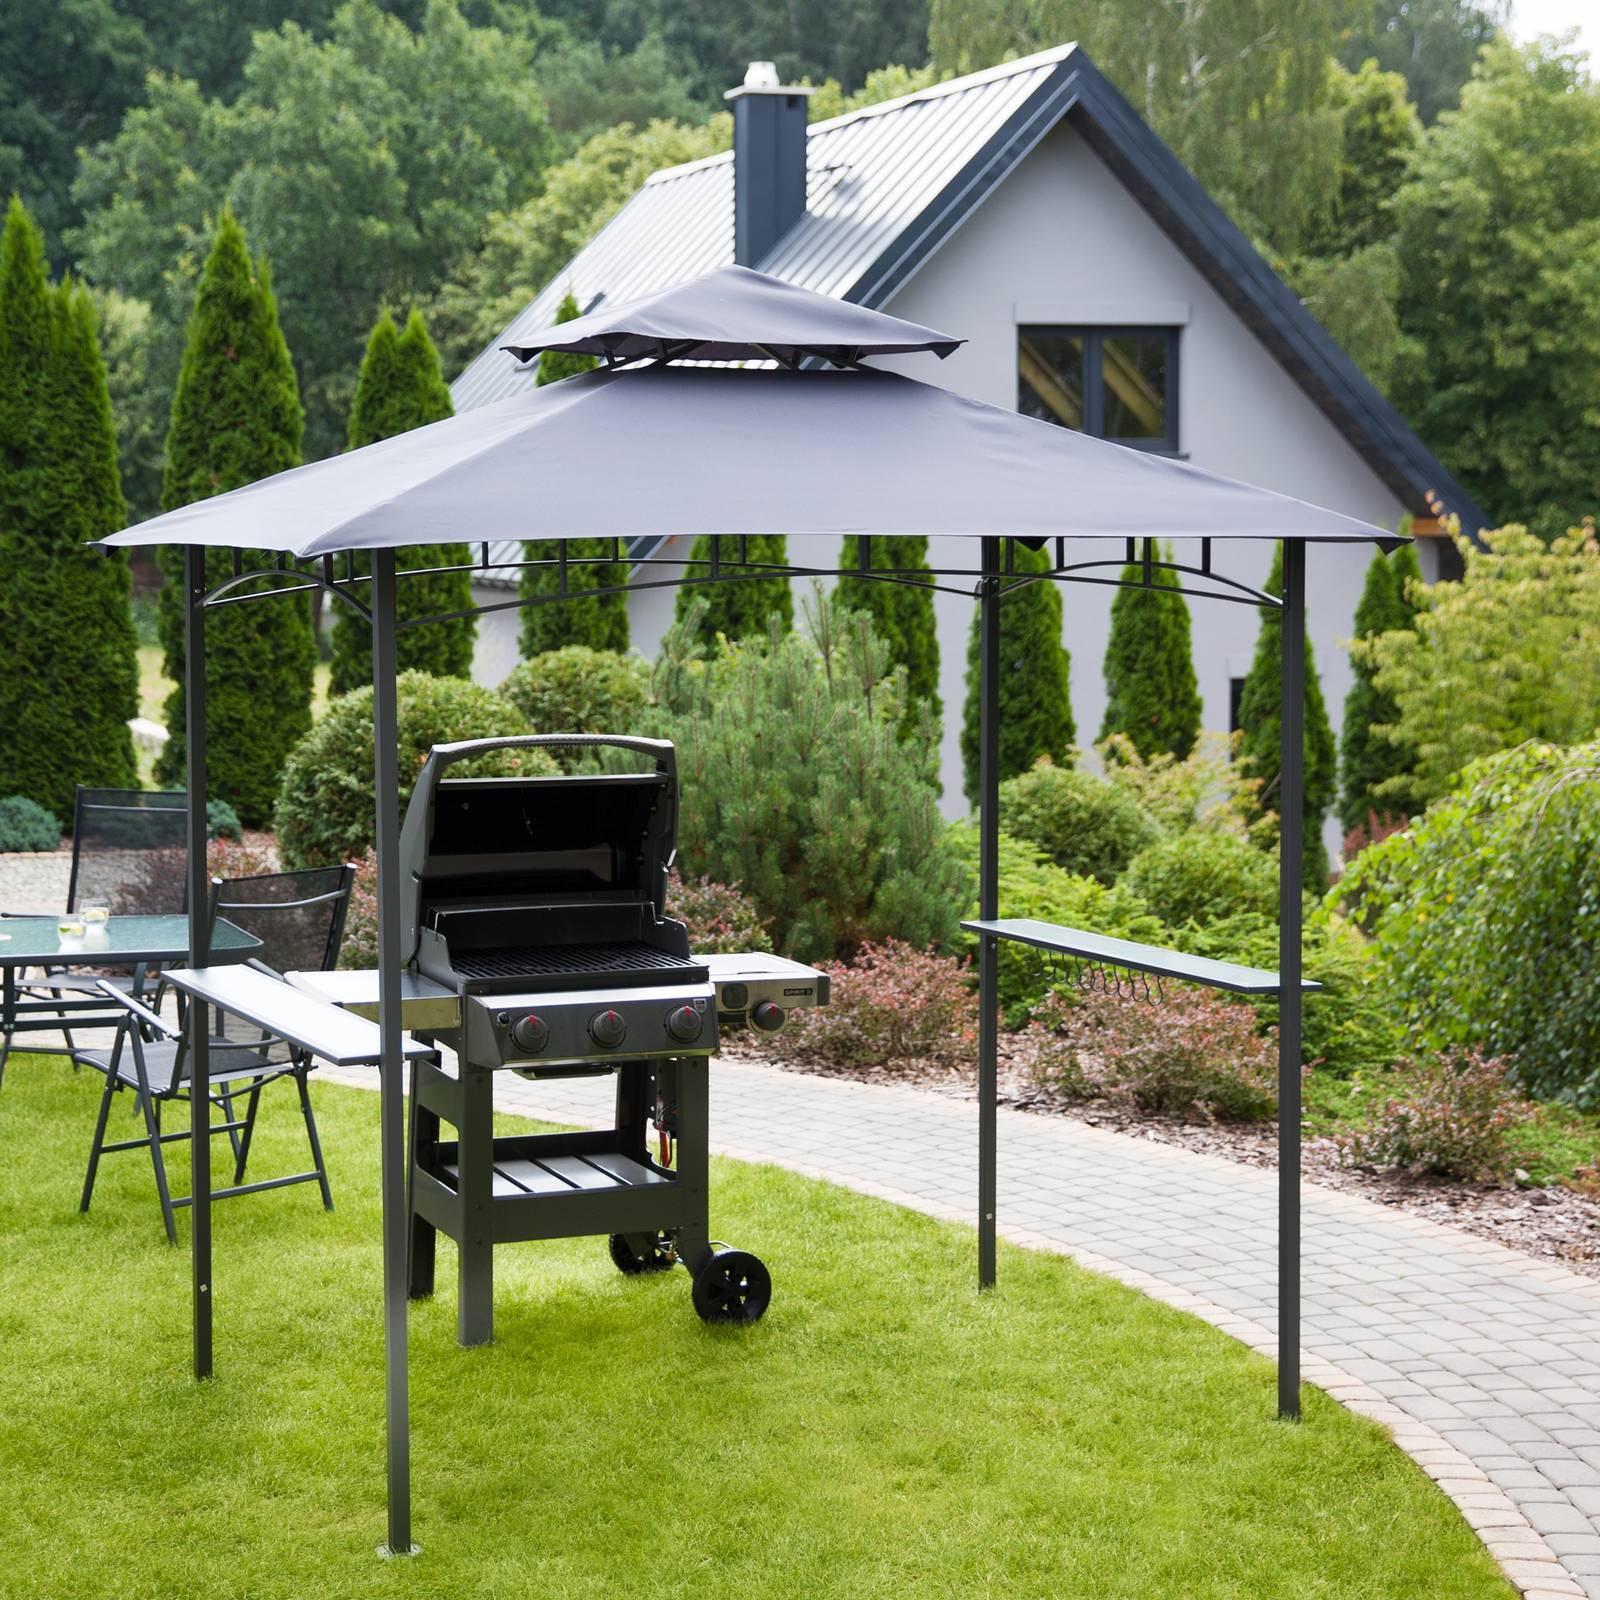 Záhradný pavilón BBQ 2,43 x 1,55 x 2,55 m PATIO